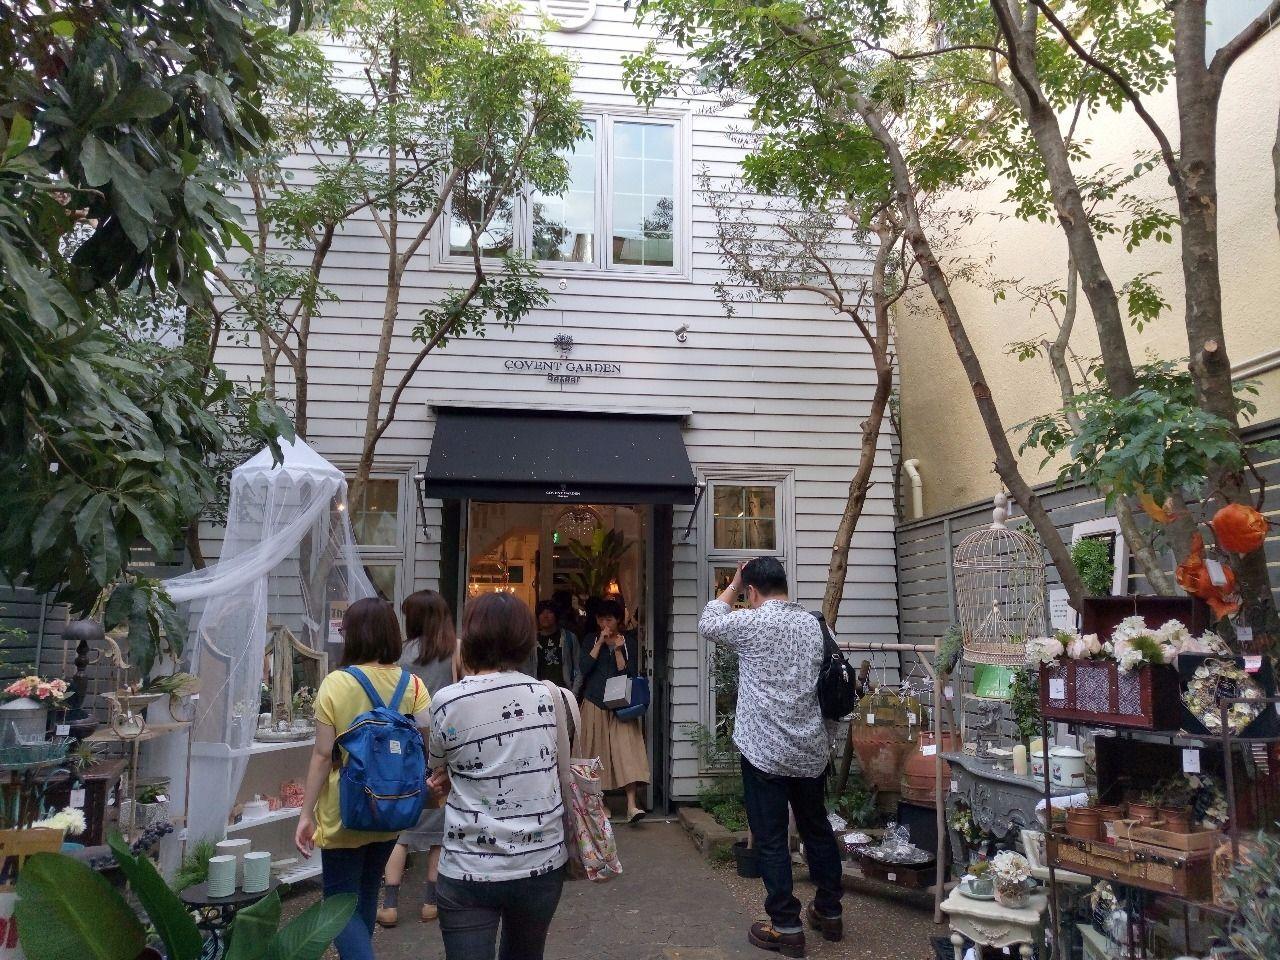 吉祥寺中道通りにある雑貨店コベントガーデン